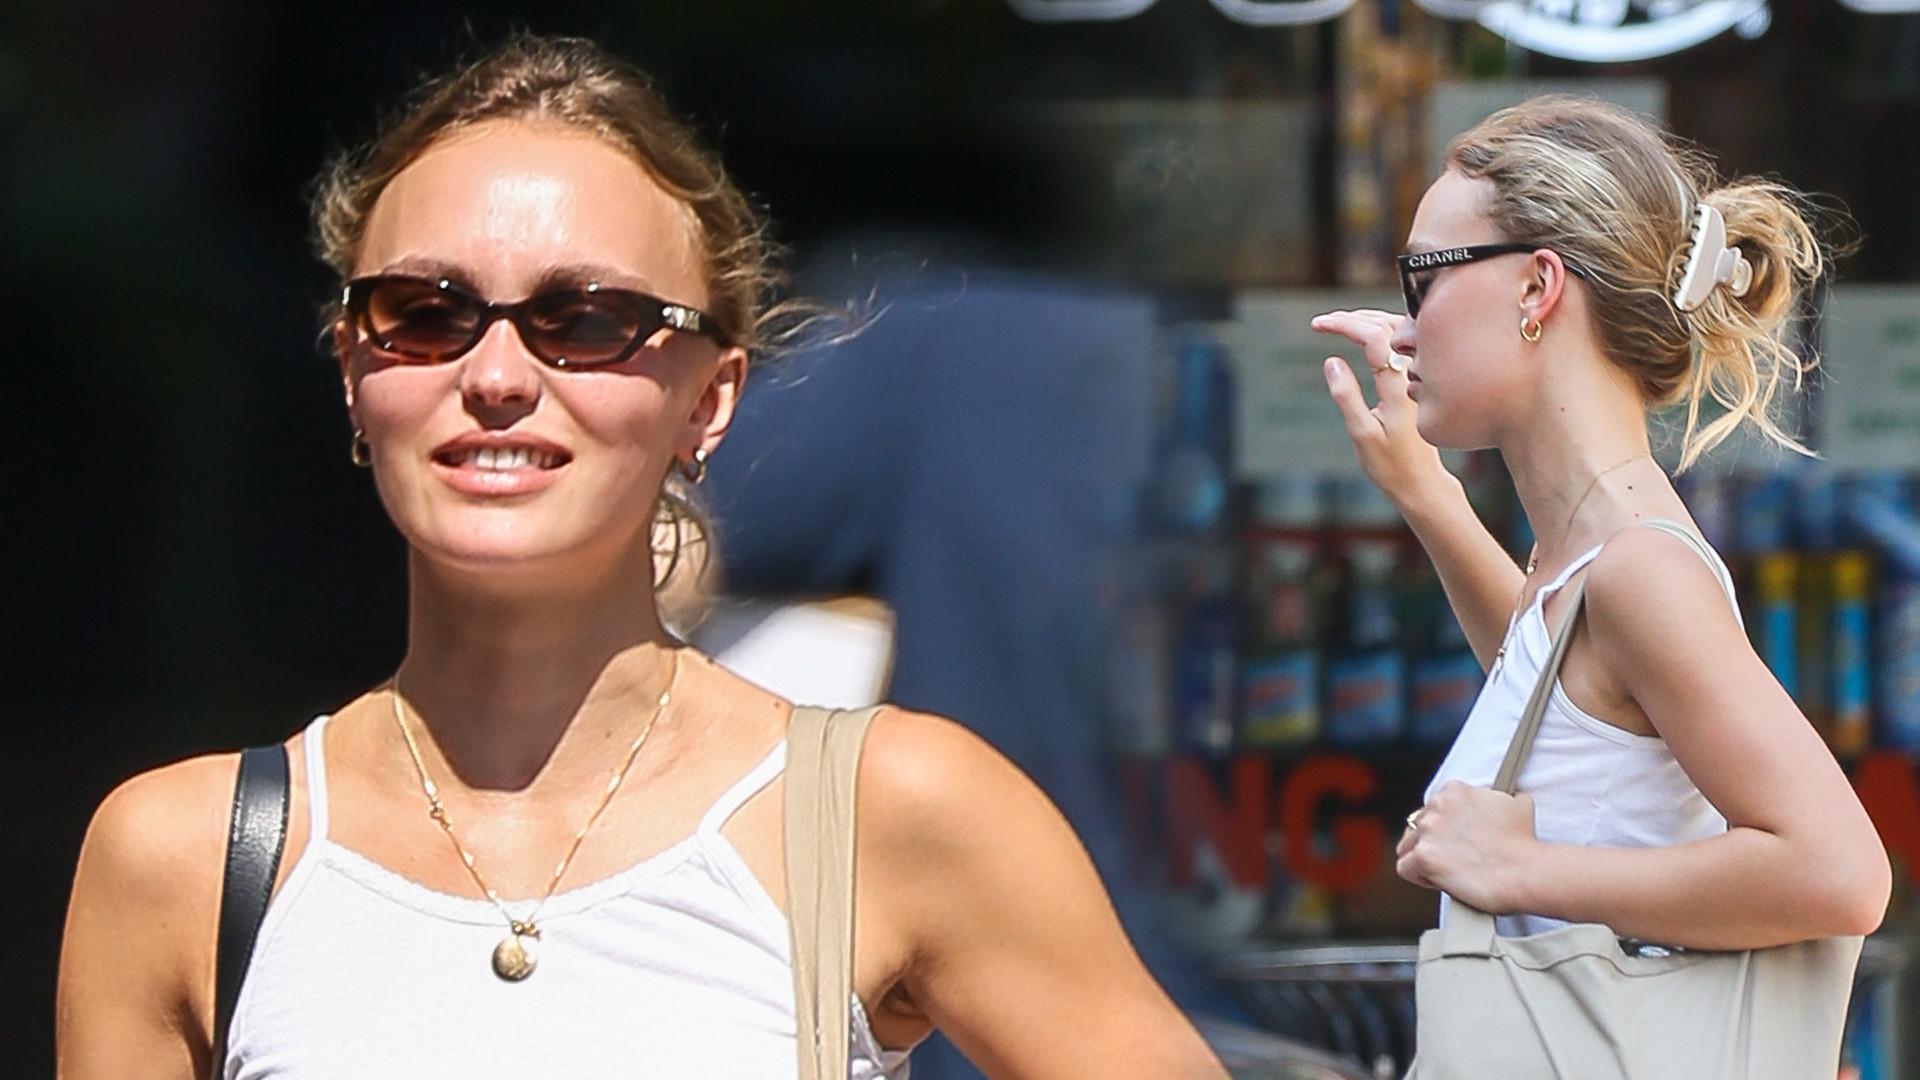 Bardzo szczupła Lily-Rose Depp w Nowym Jorku. Córka Johnny'ego Deppa spotyka się z byłym Vanessy Hudgens